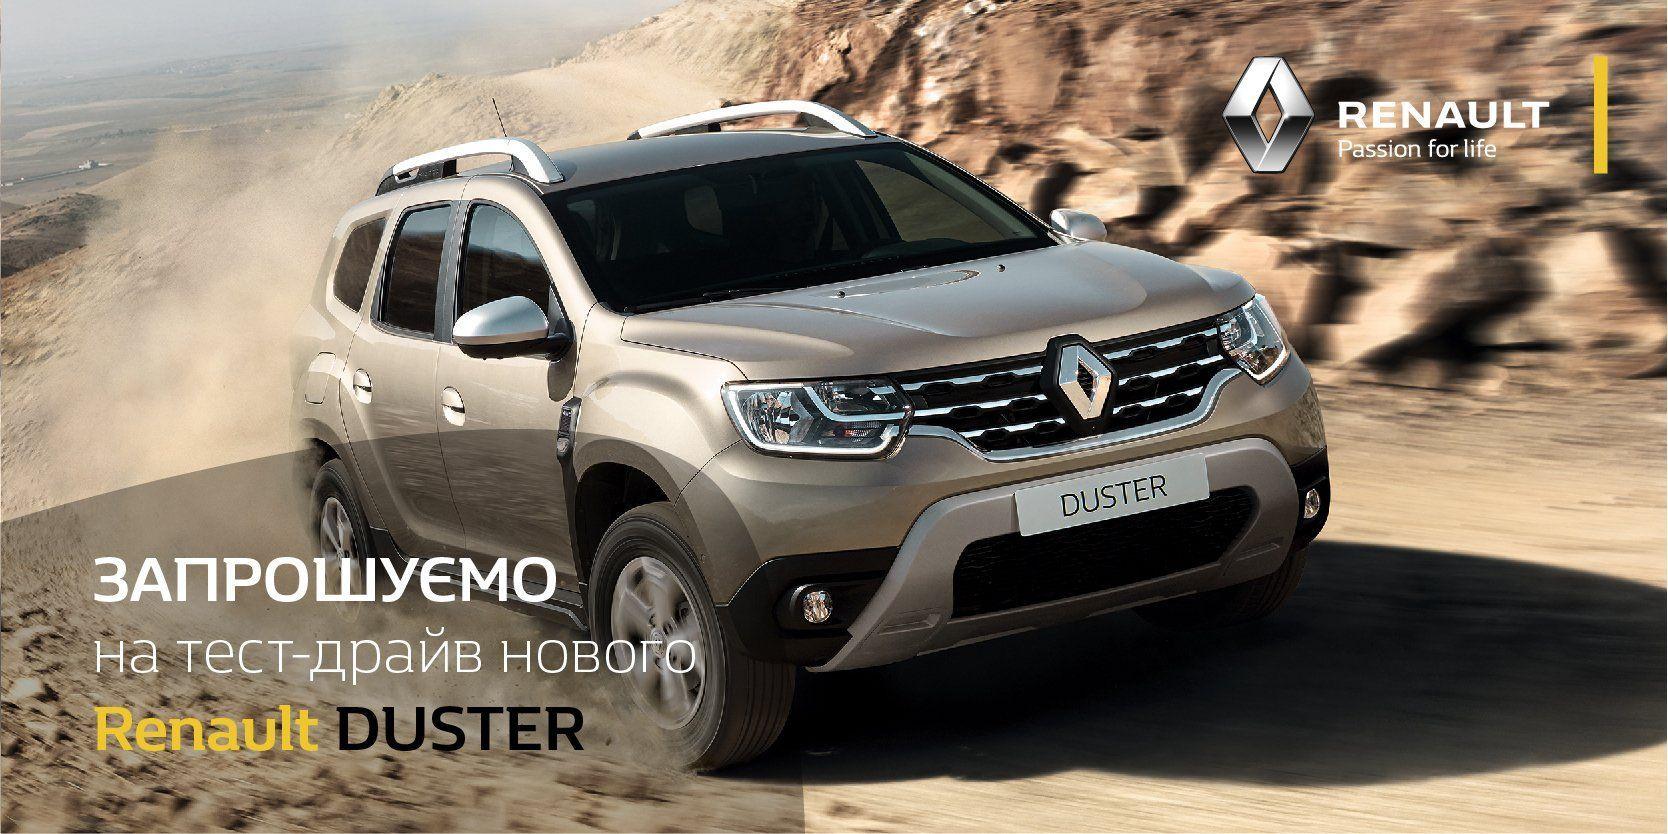 Запрошуємо на тест-драйв нового Renault Duster у компанії Renault  Автотрейдінг-Дніпро!